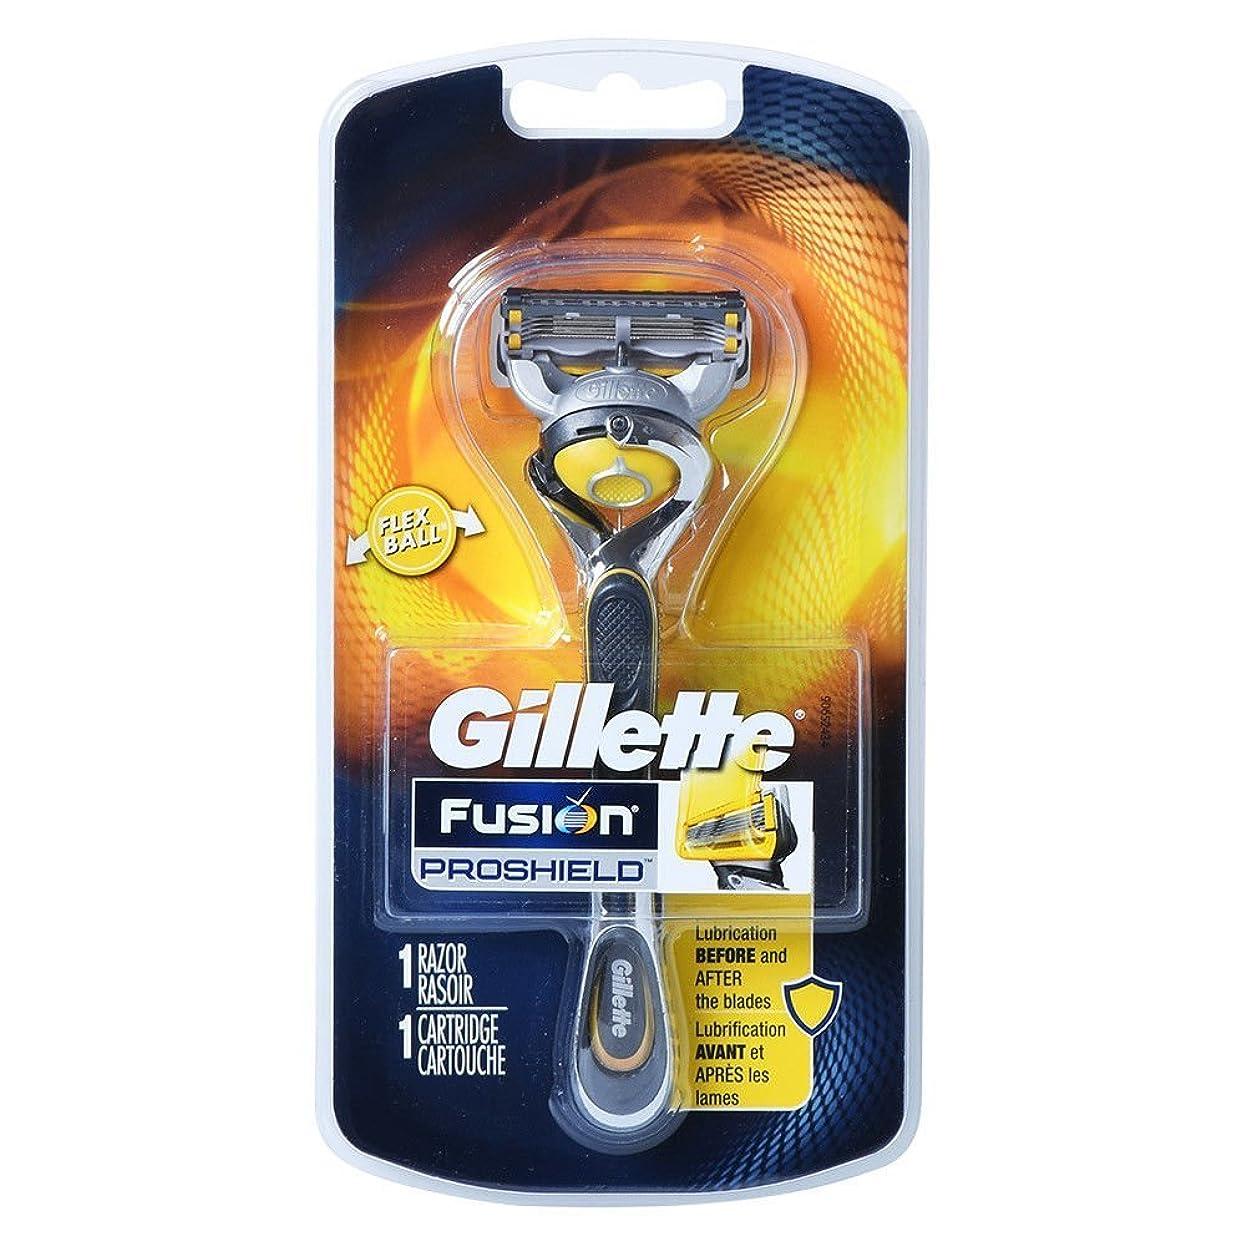 絡み合いビジョン難破船Gillette Fusion Proshield Yellow フレックスボール剃刀でメンズカミソリ Refrills 1 [並行輸入品]